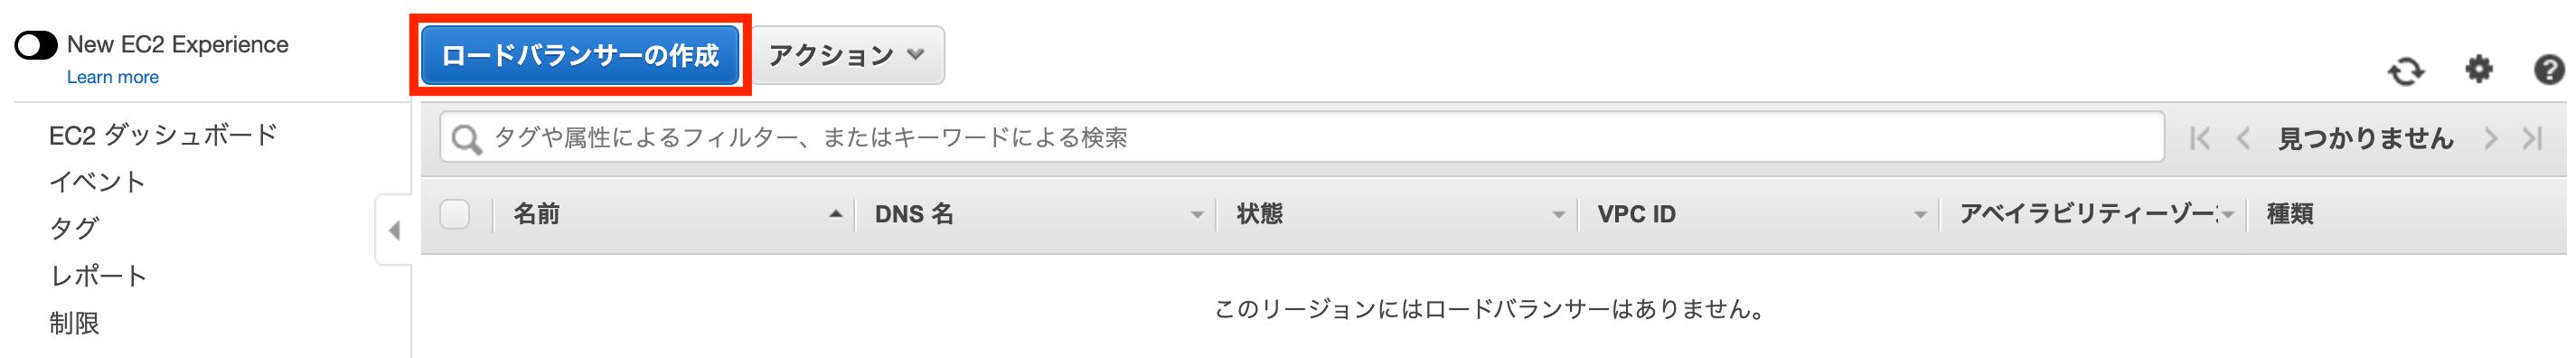 スクリーンショット 2020-03-19 14.44.10.png